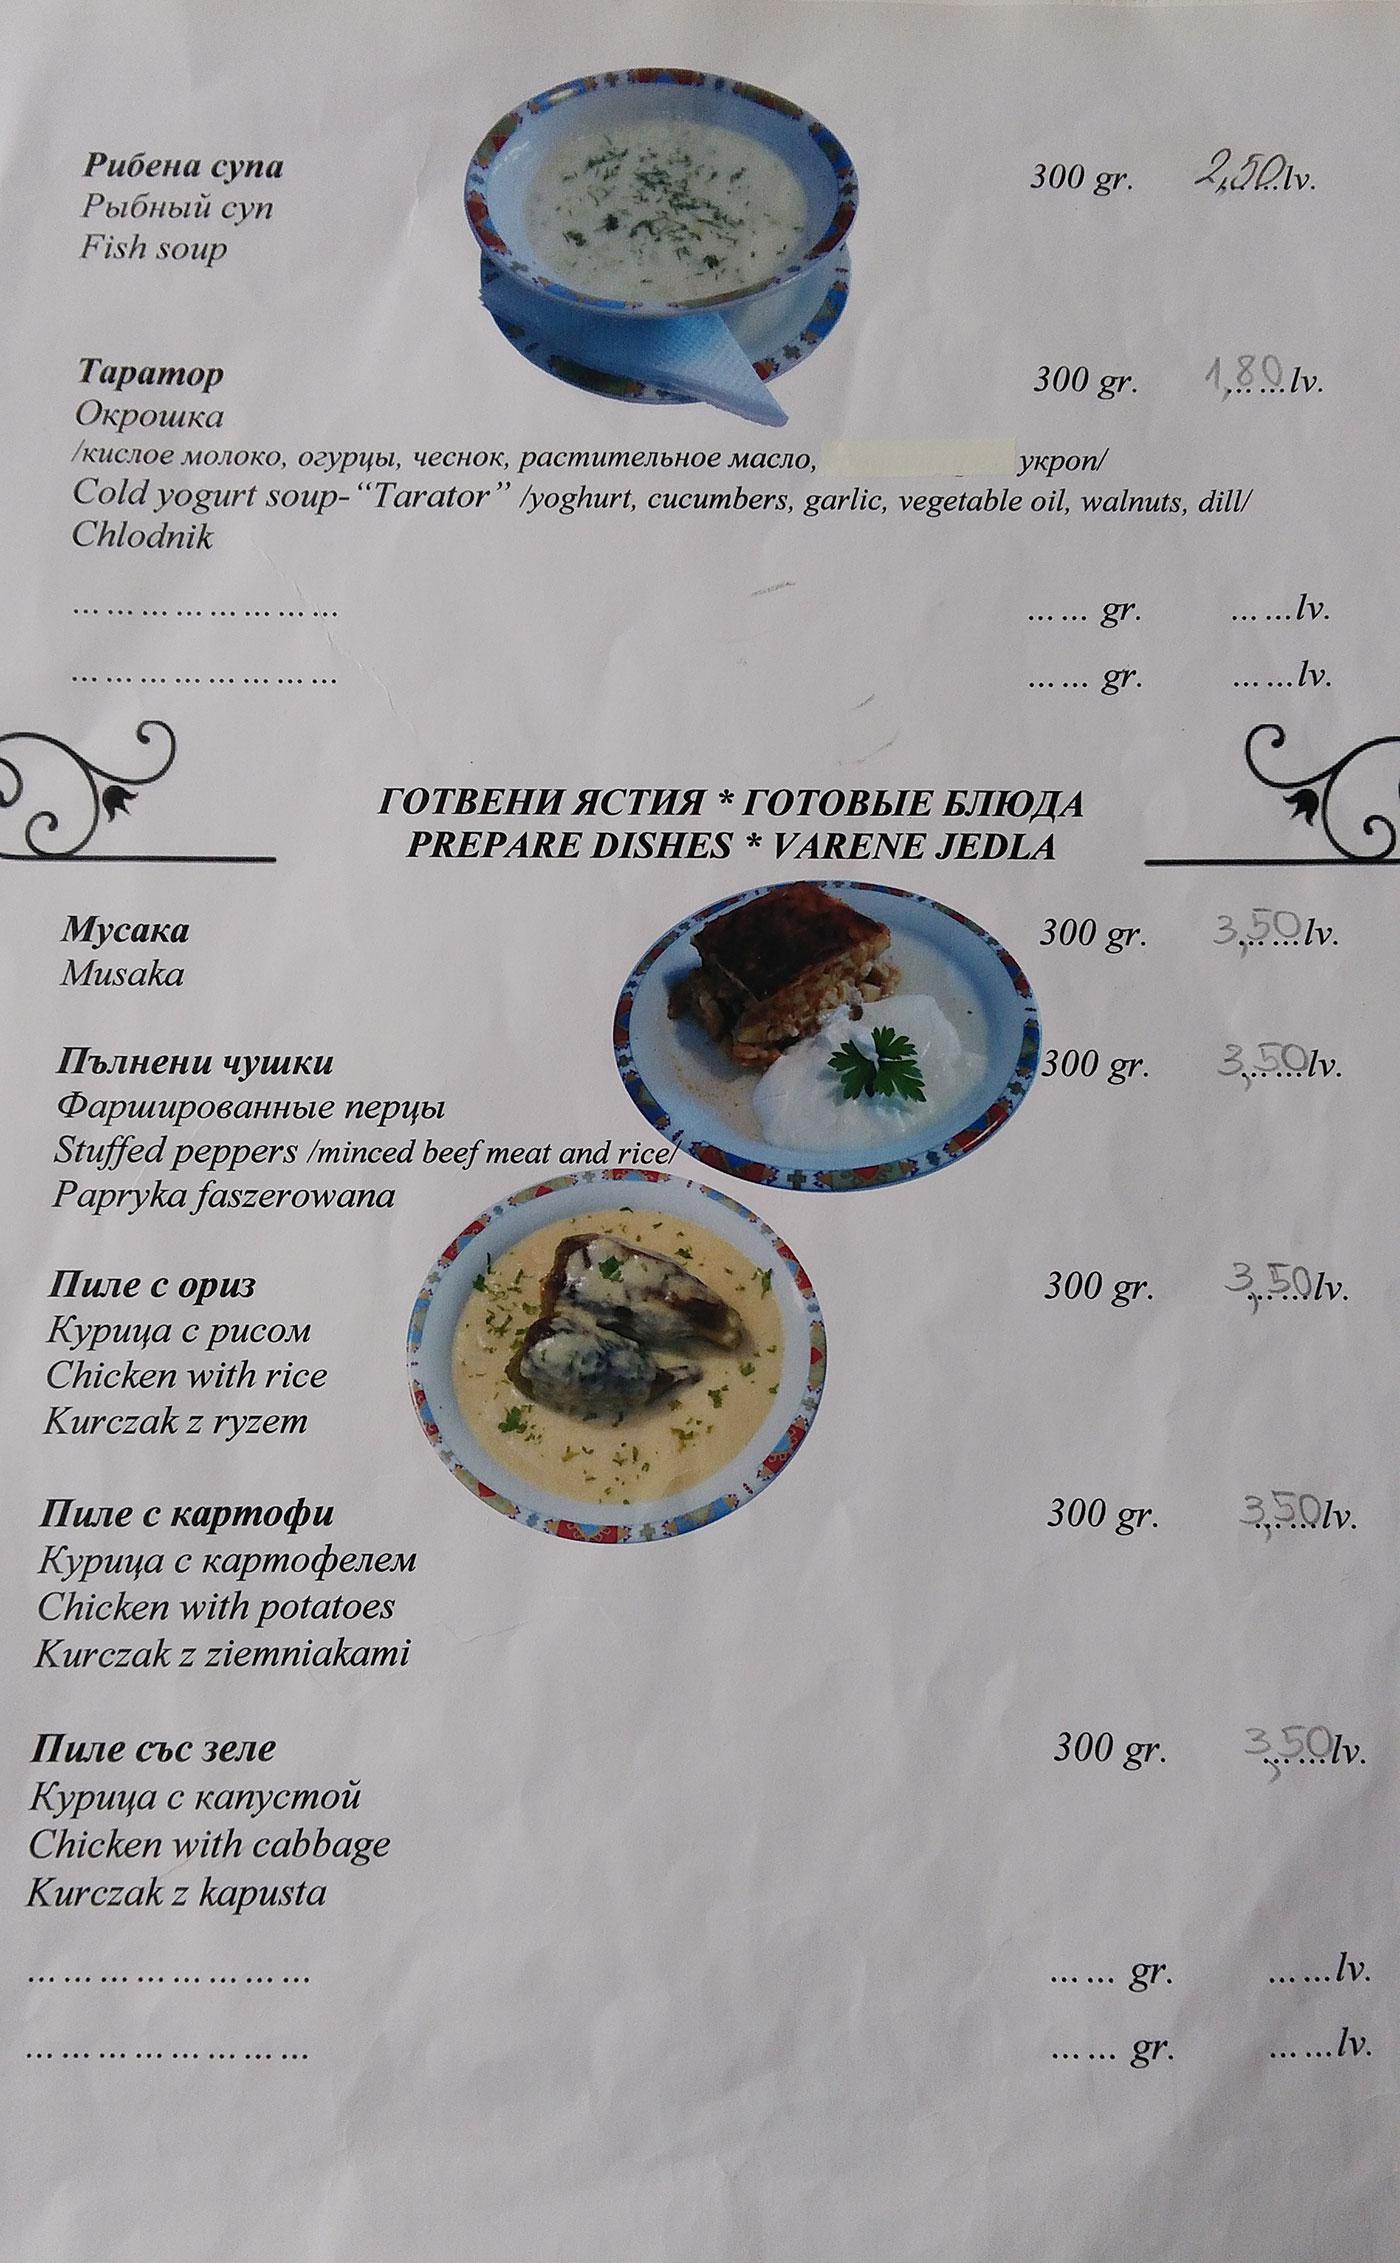 Меню болгарского кафе